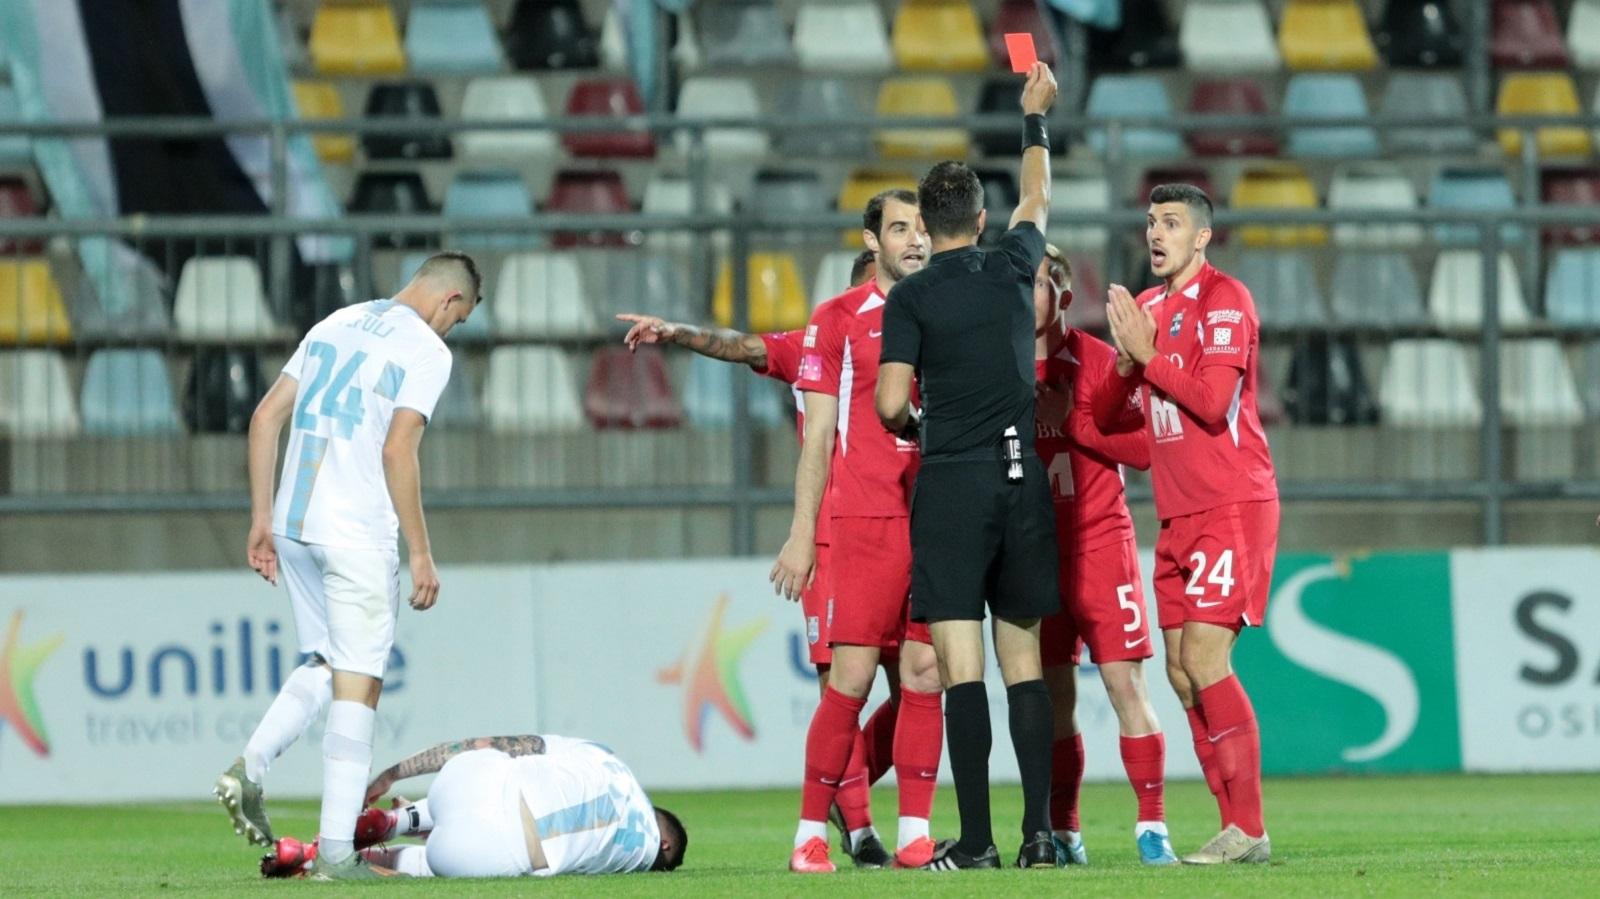 Iz Osijeka poručuju da će se žaliti na jučerašnju utakmicu u Kupu. Jasno kažu da je sve to bila sramota